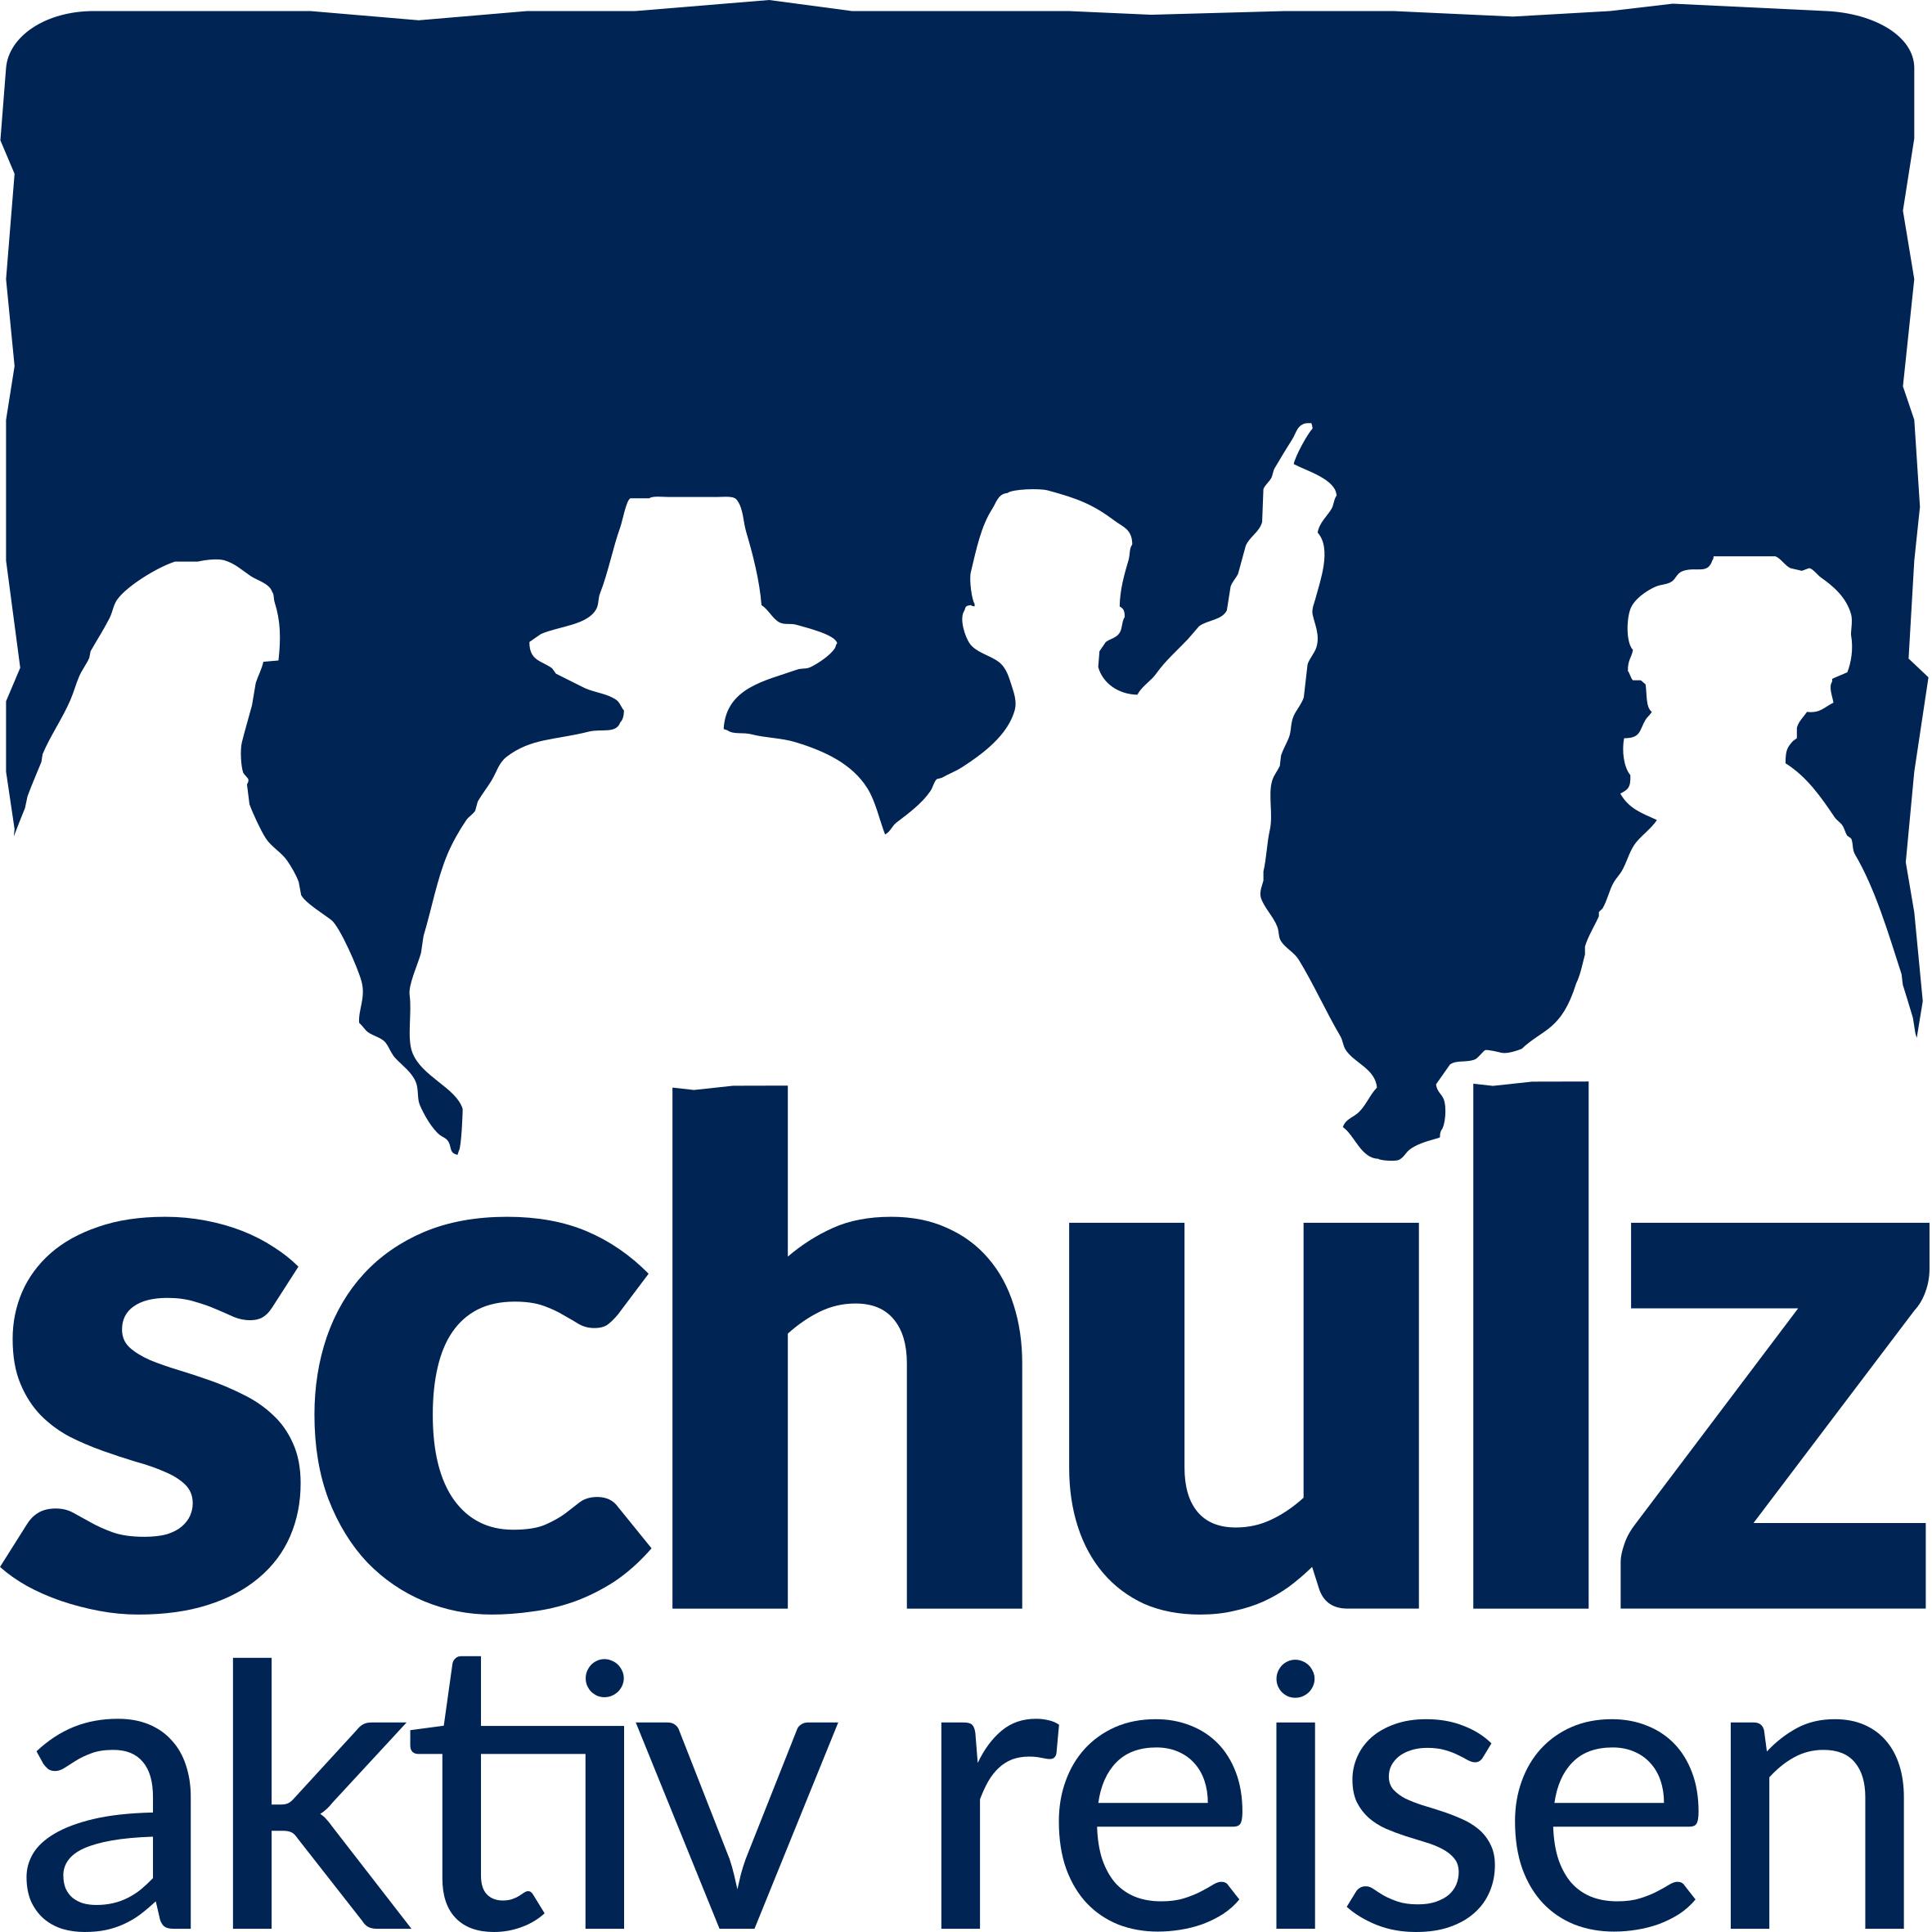 schulz aktiv reisen in Dresden, Sachsen